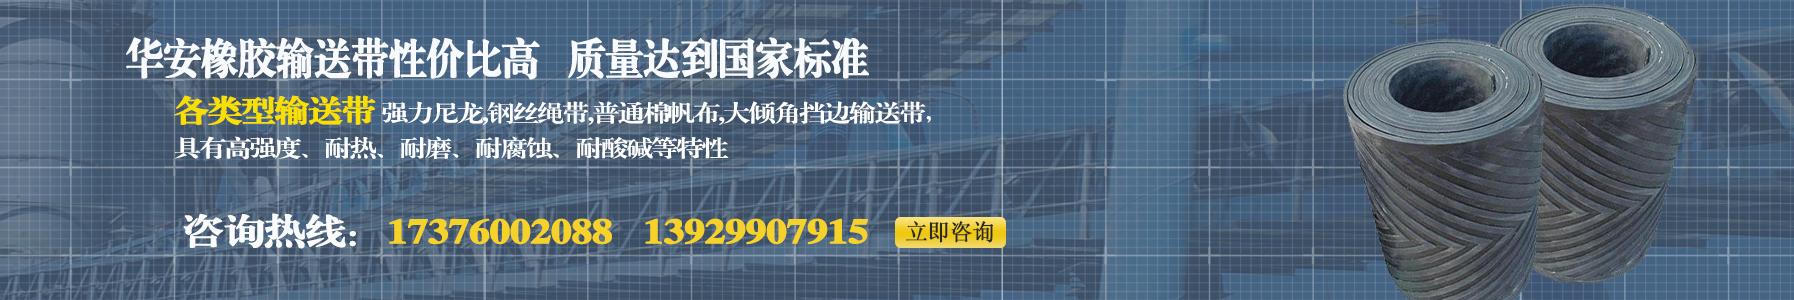 广西输送带厂家直销_华安橡胶输送带批发